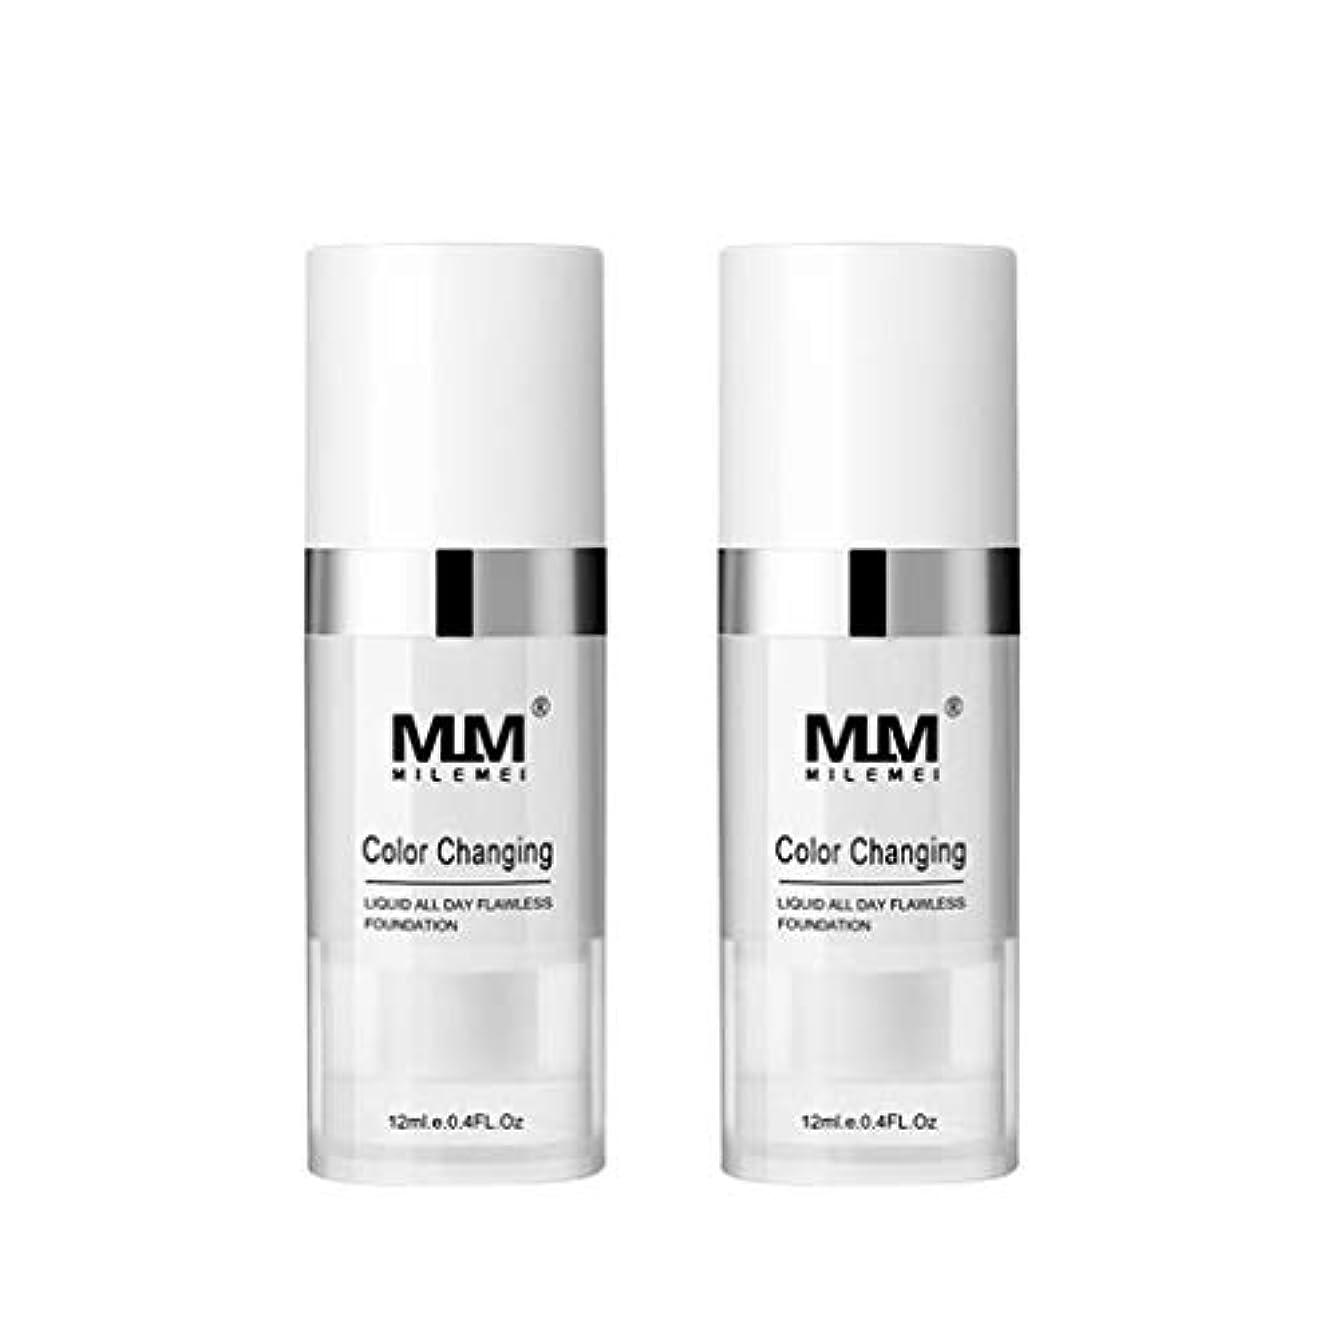 保証するバッジ伝統的MLM温暖化肌ファンデーション 変色ファンデーション化粧ベースヌード化粧カバーコンシーラー肌色を明るくする 日焼け止め 毎日の使用 (2個)